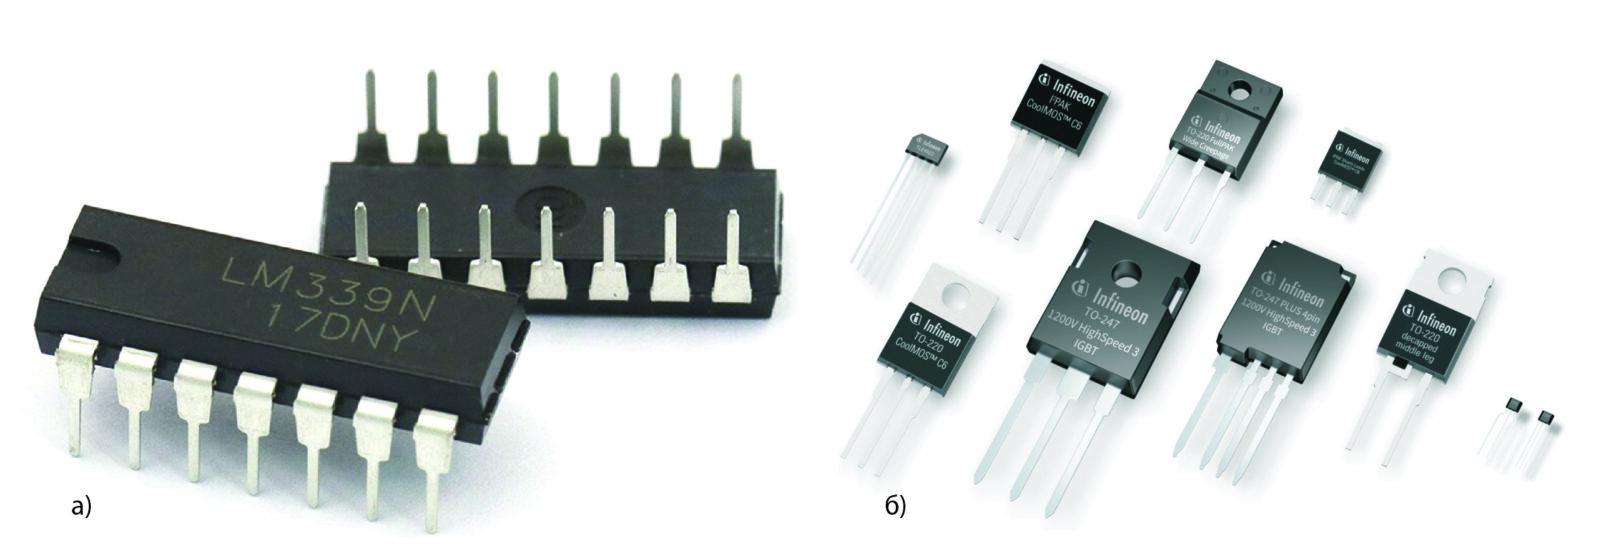 Классический корпус DIP ИС для монтажа в сквозные отверстия печатных плат и THT-компоненты компании Infineon Technologies